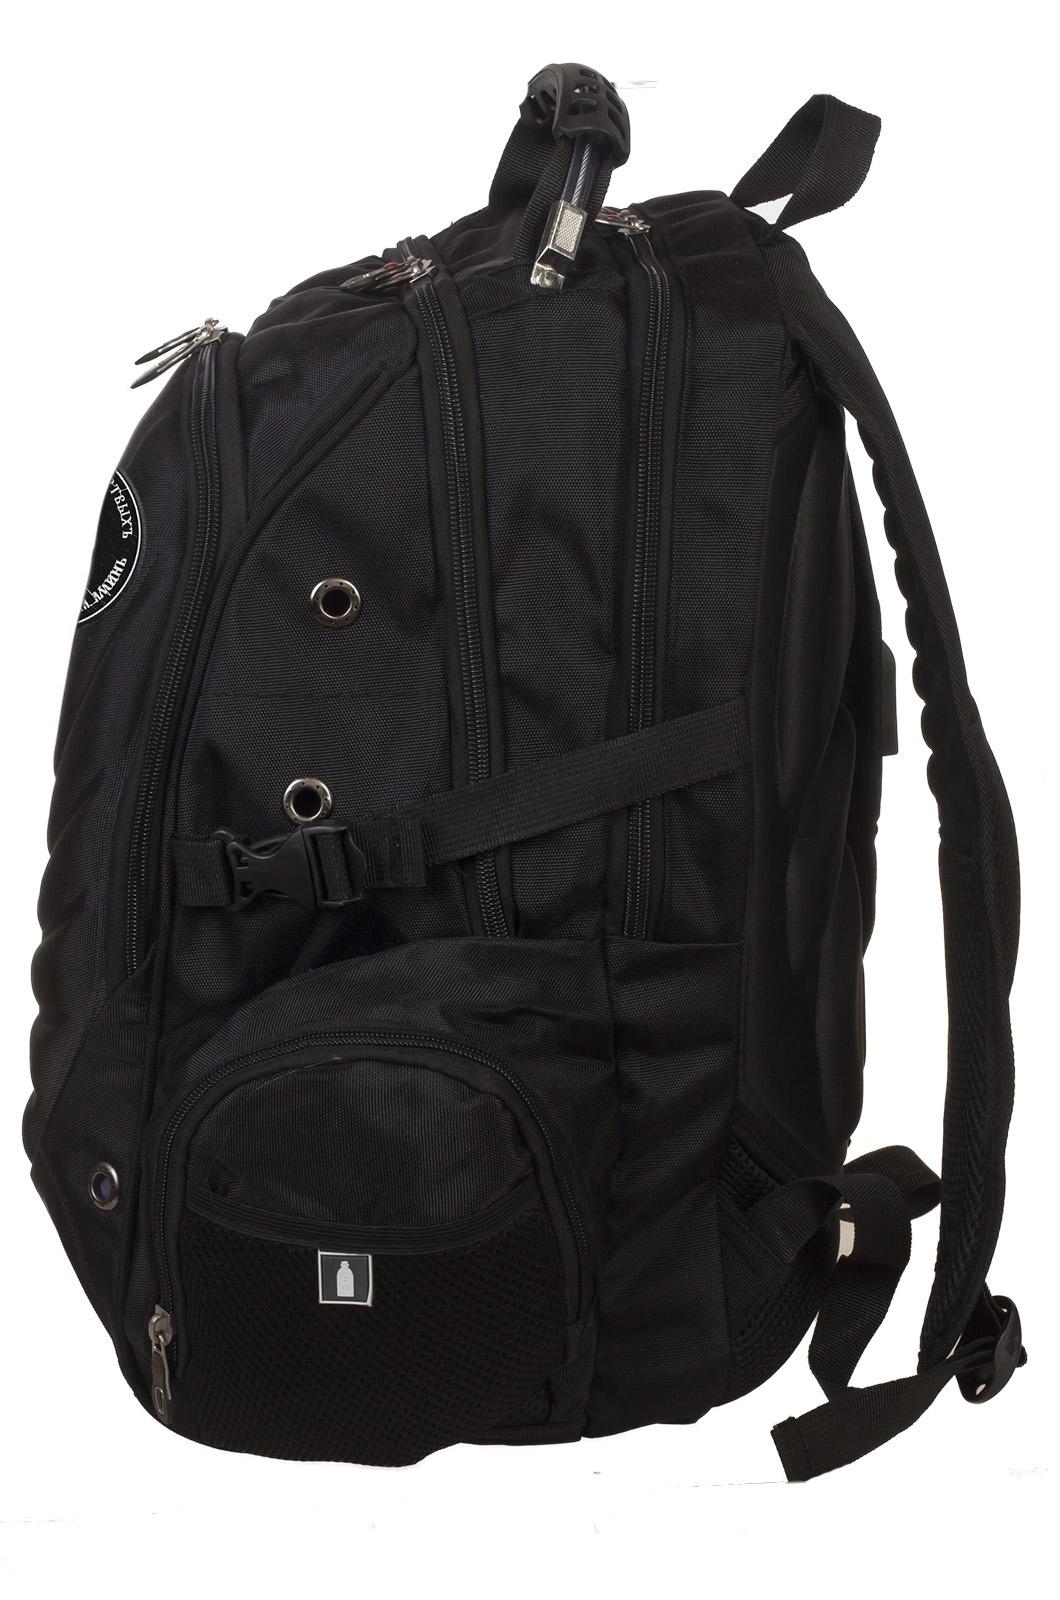 Крутой универсальный рюкзак с нашивкой Флаг Бакланова - купить в розницу